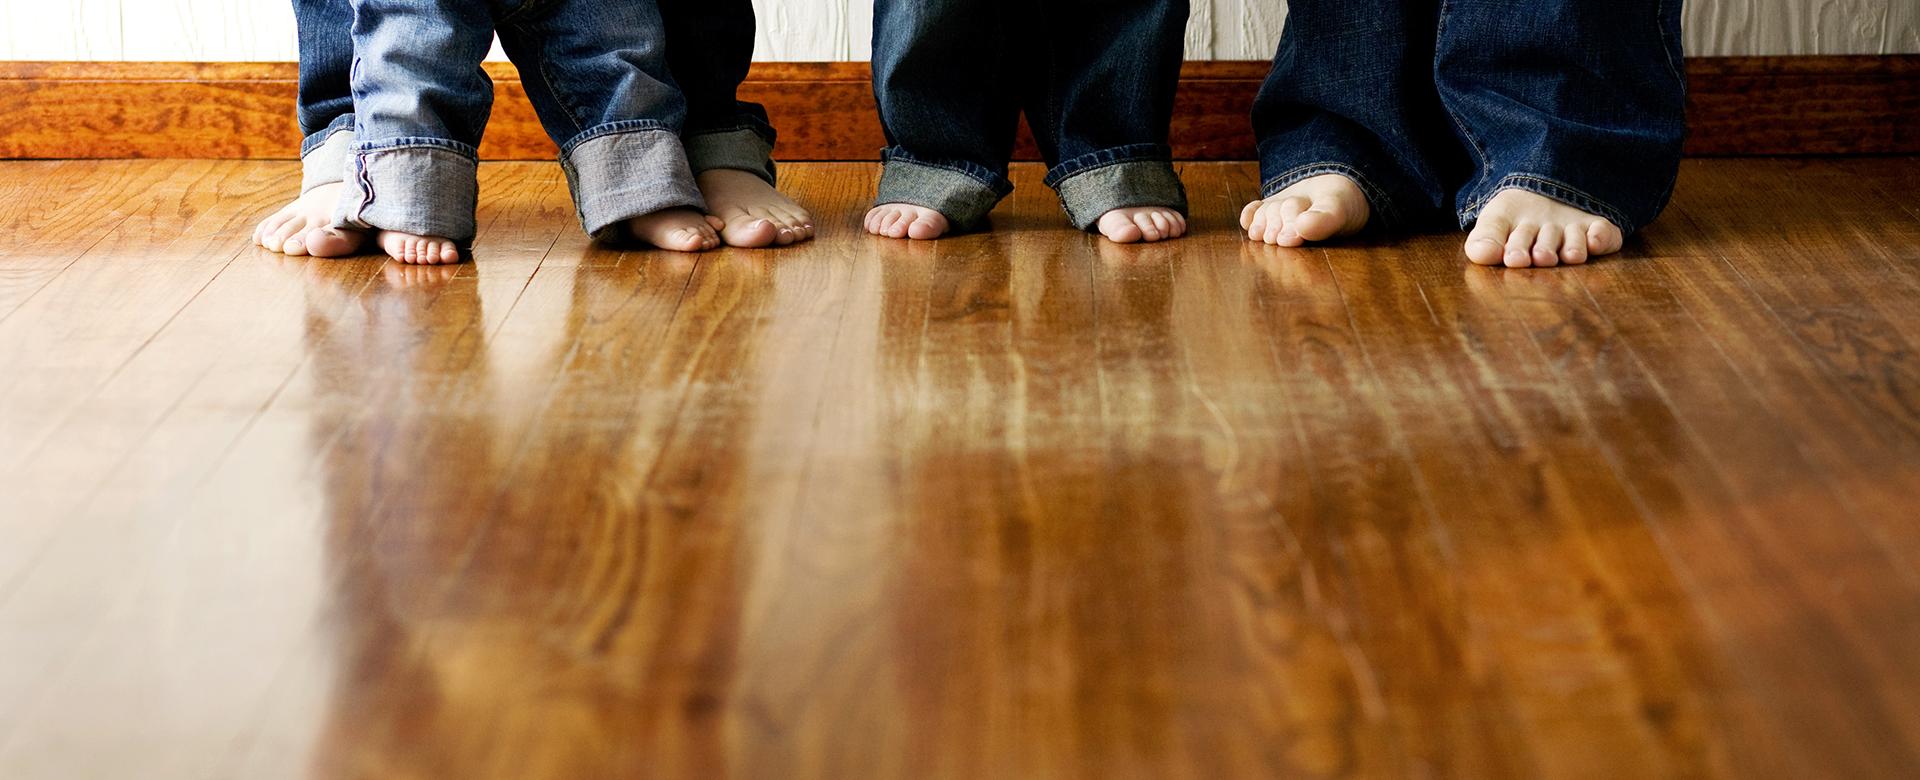 stopy na podłodze